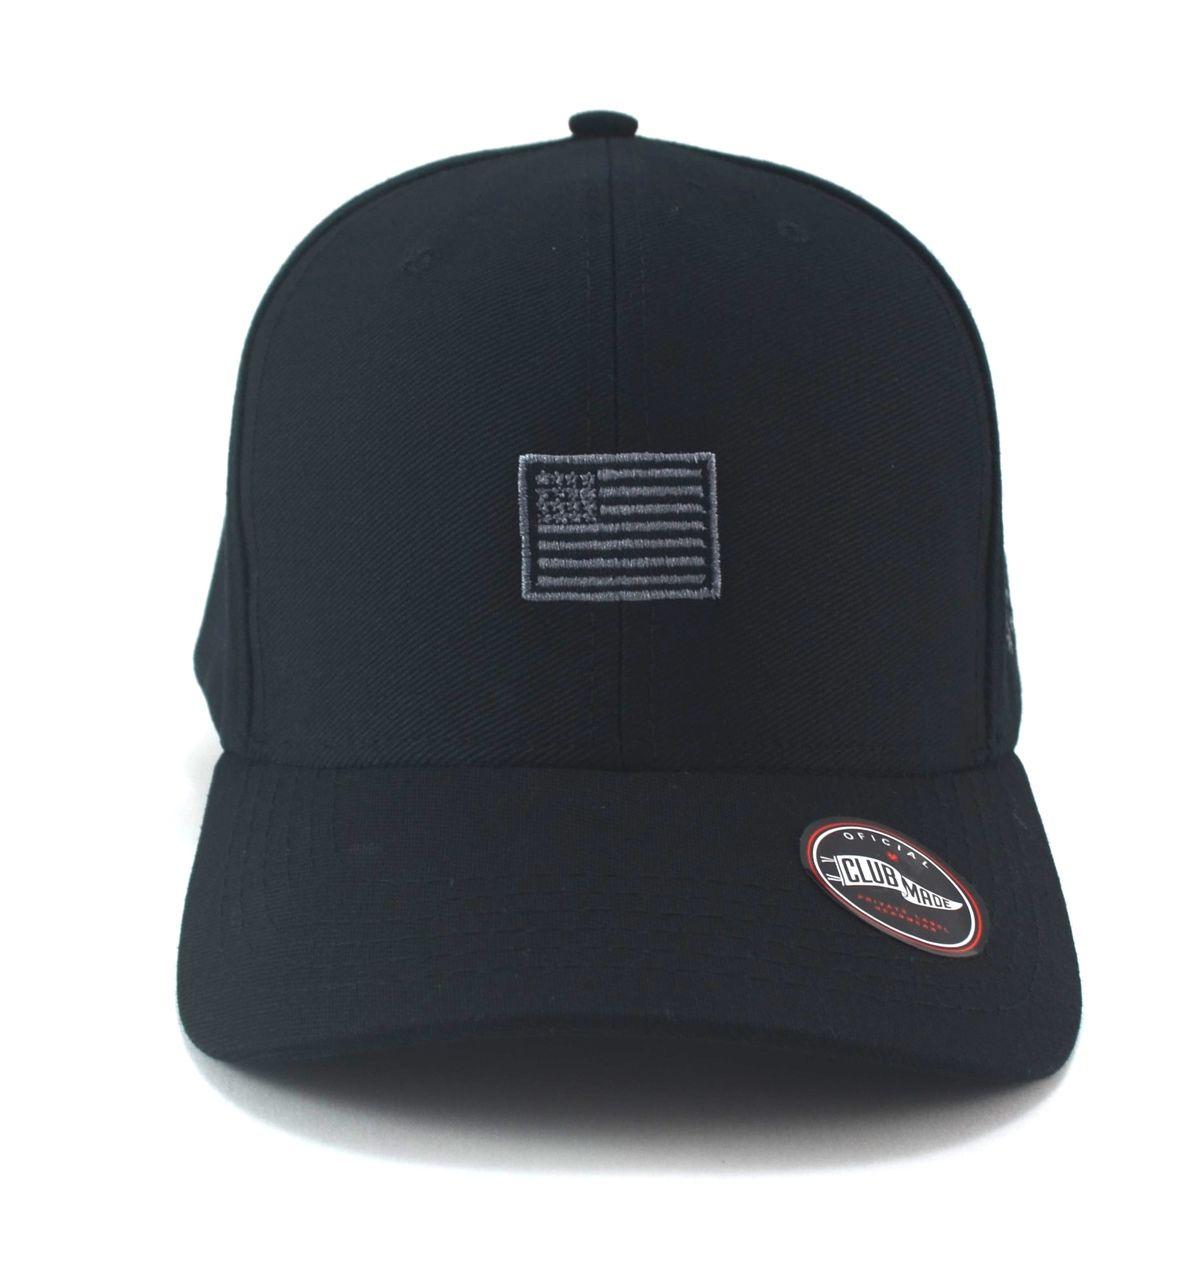 Boné Preto Mini Flag Black Estados Unidos Aba Curva Strapback